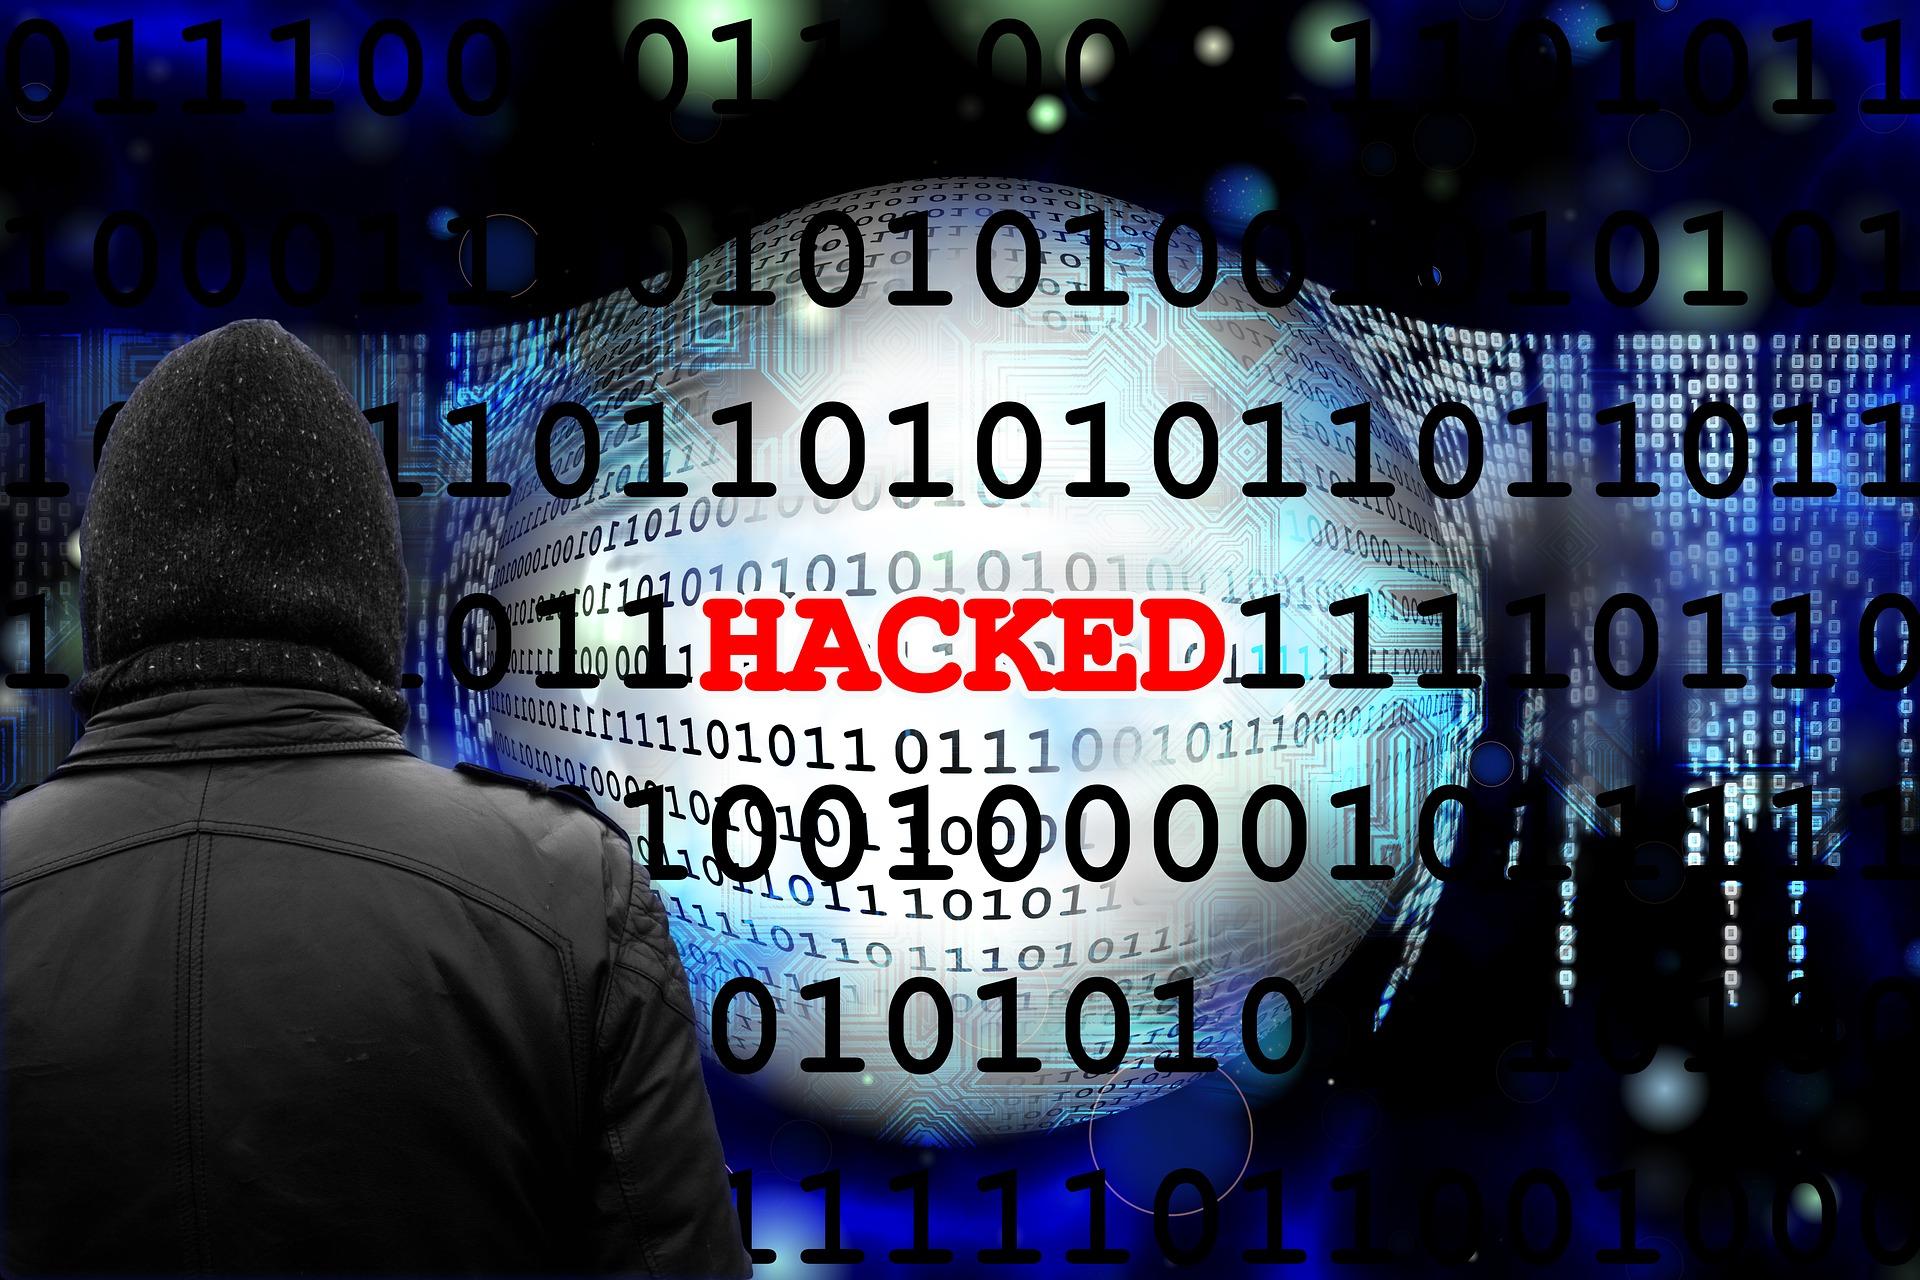 RDP meest gebruikt voor ransomware-aanvallen in 2020